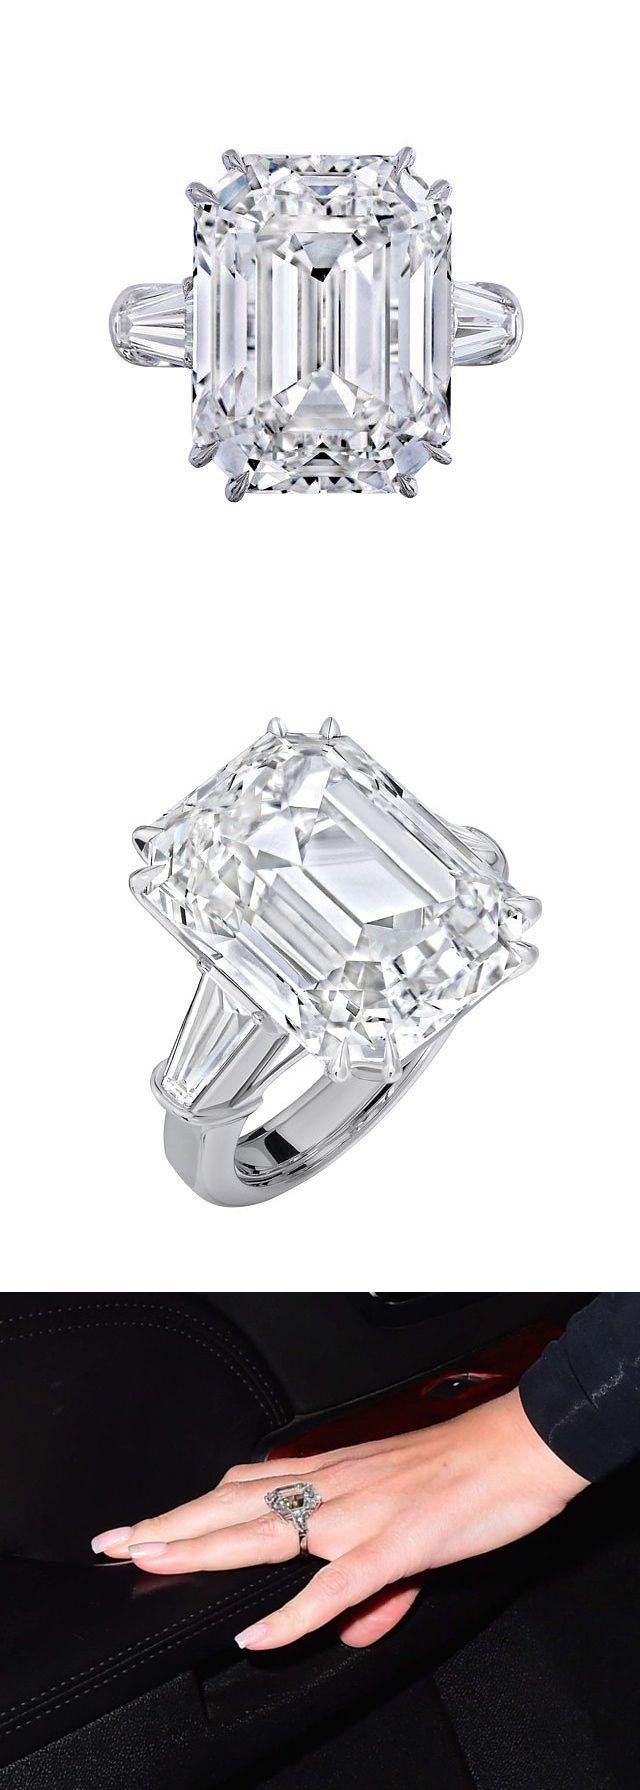 Mariah Carey's 35-carat engagement ring stunner from Wilfredo Rosado.